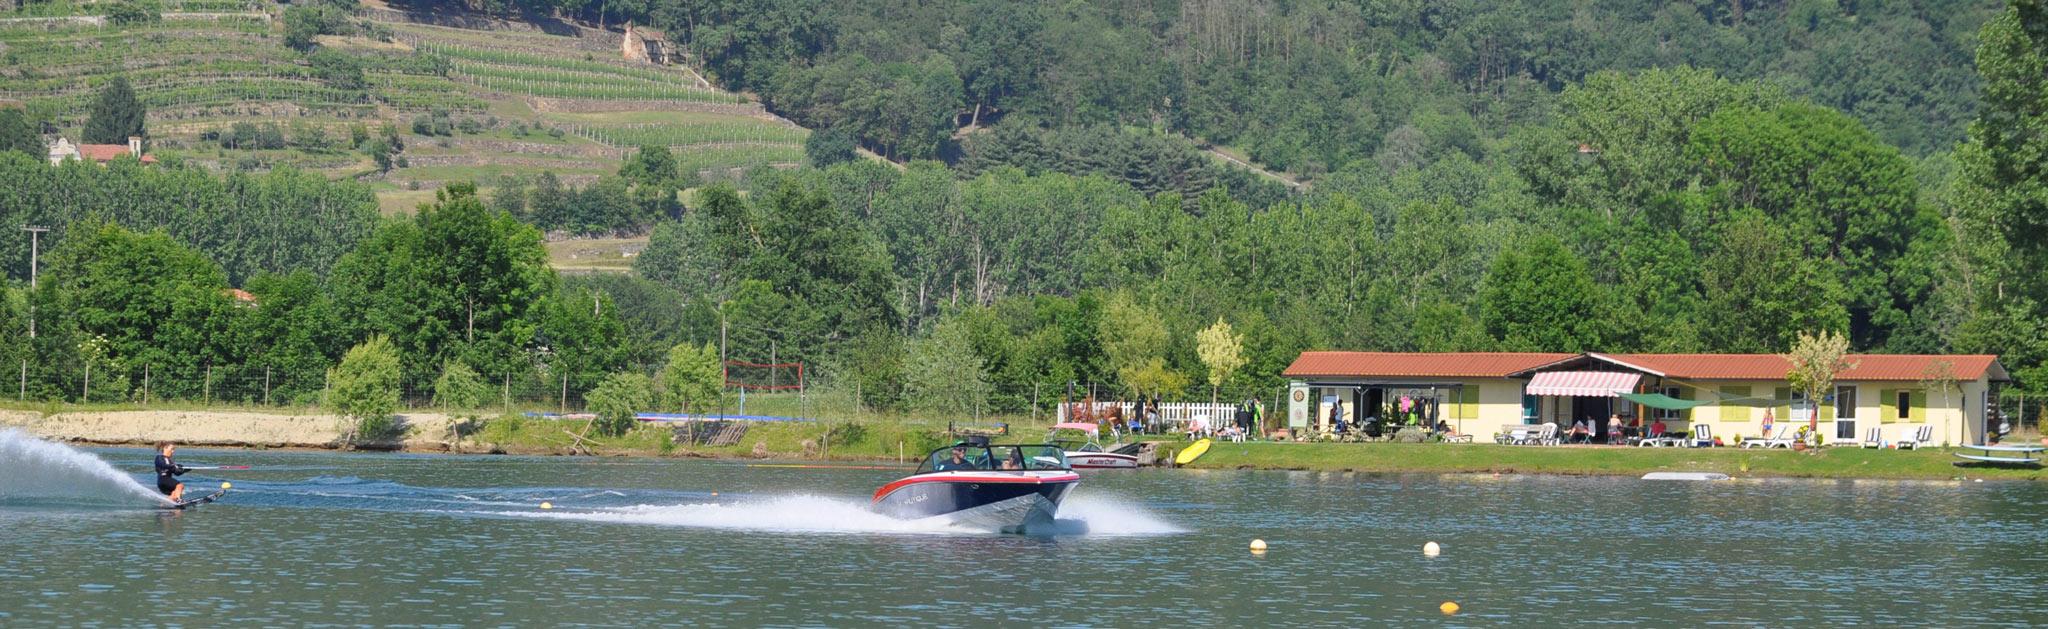 Lake-Palas-2